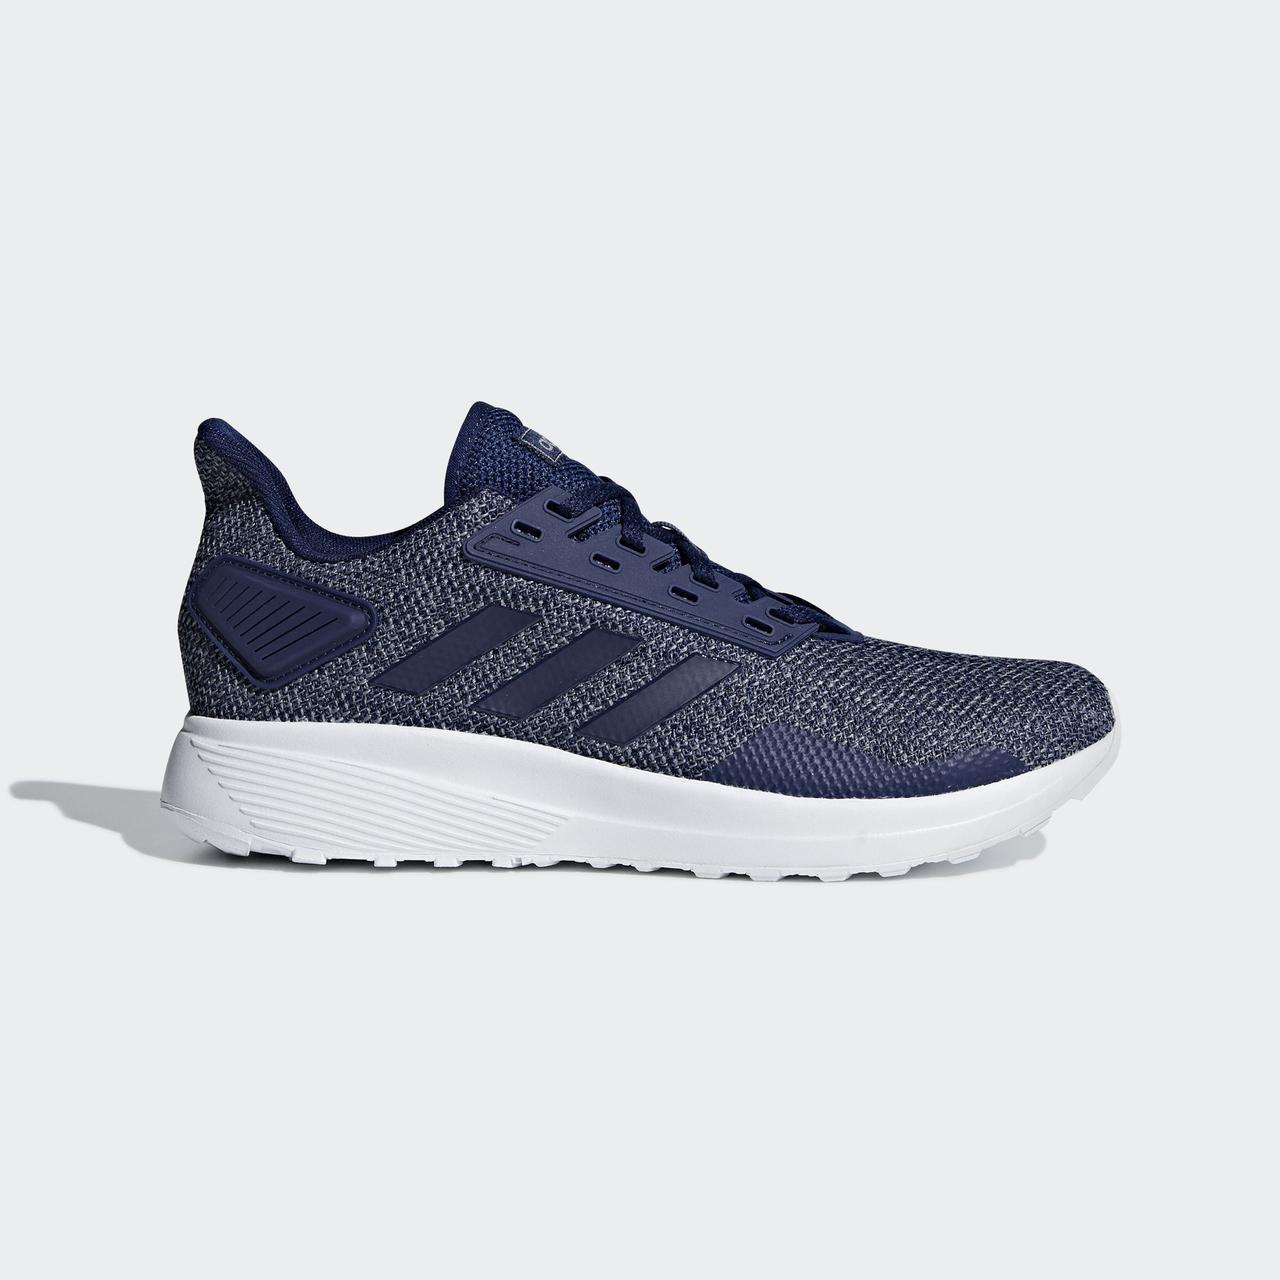 Кроссовки для бега Adidas Duramo 9 F35275